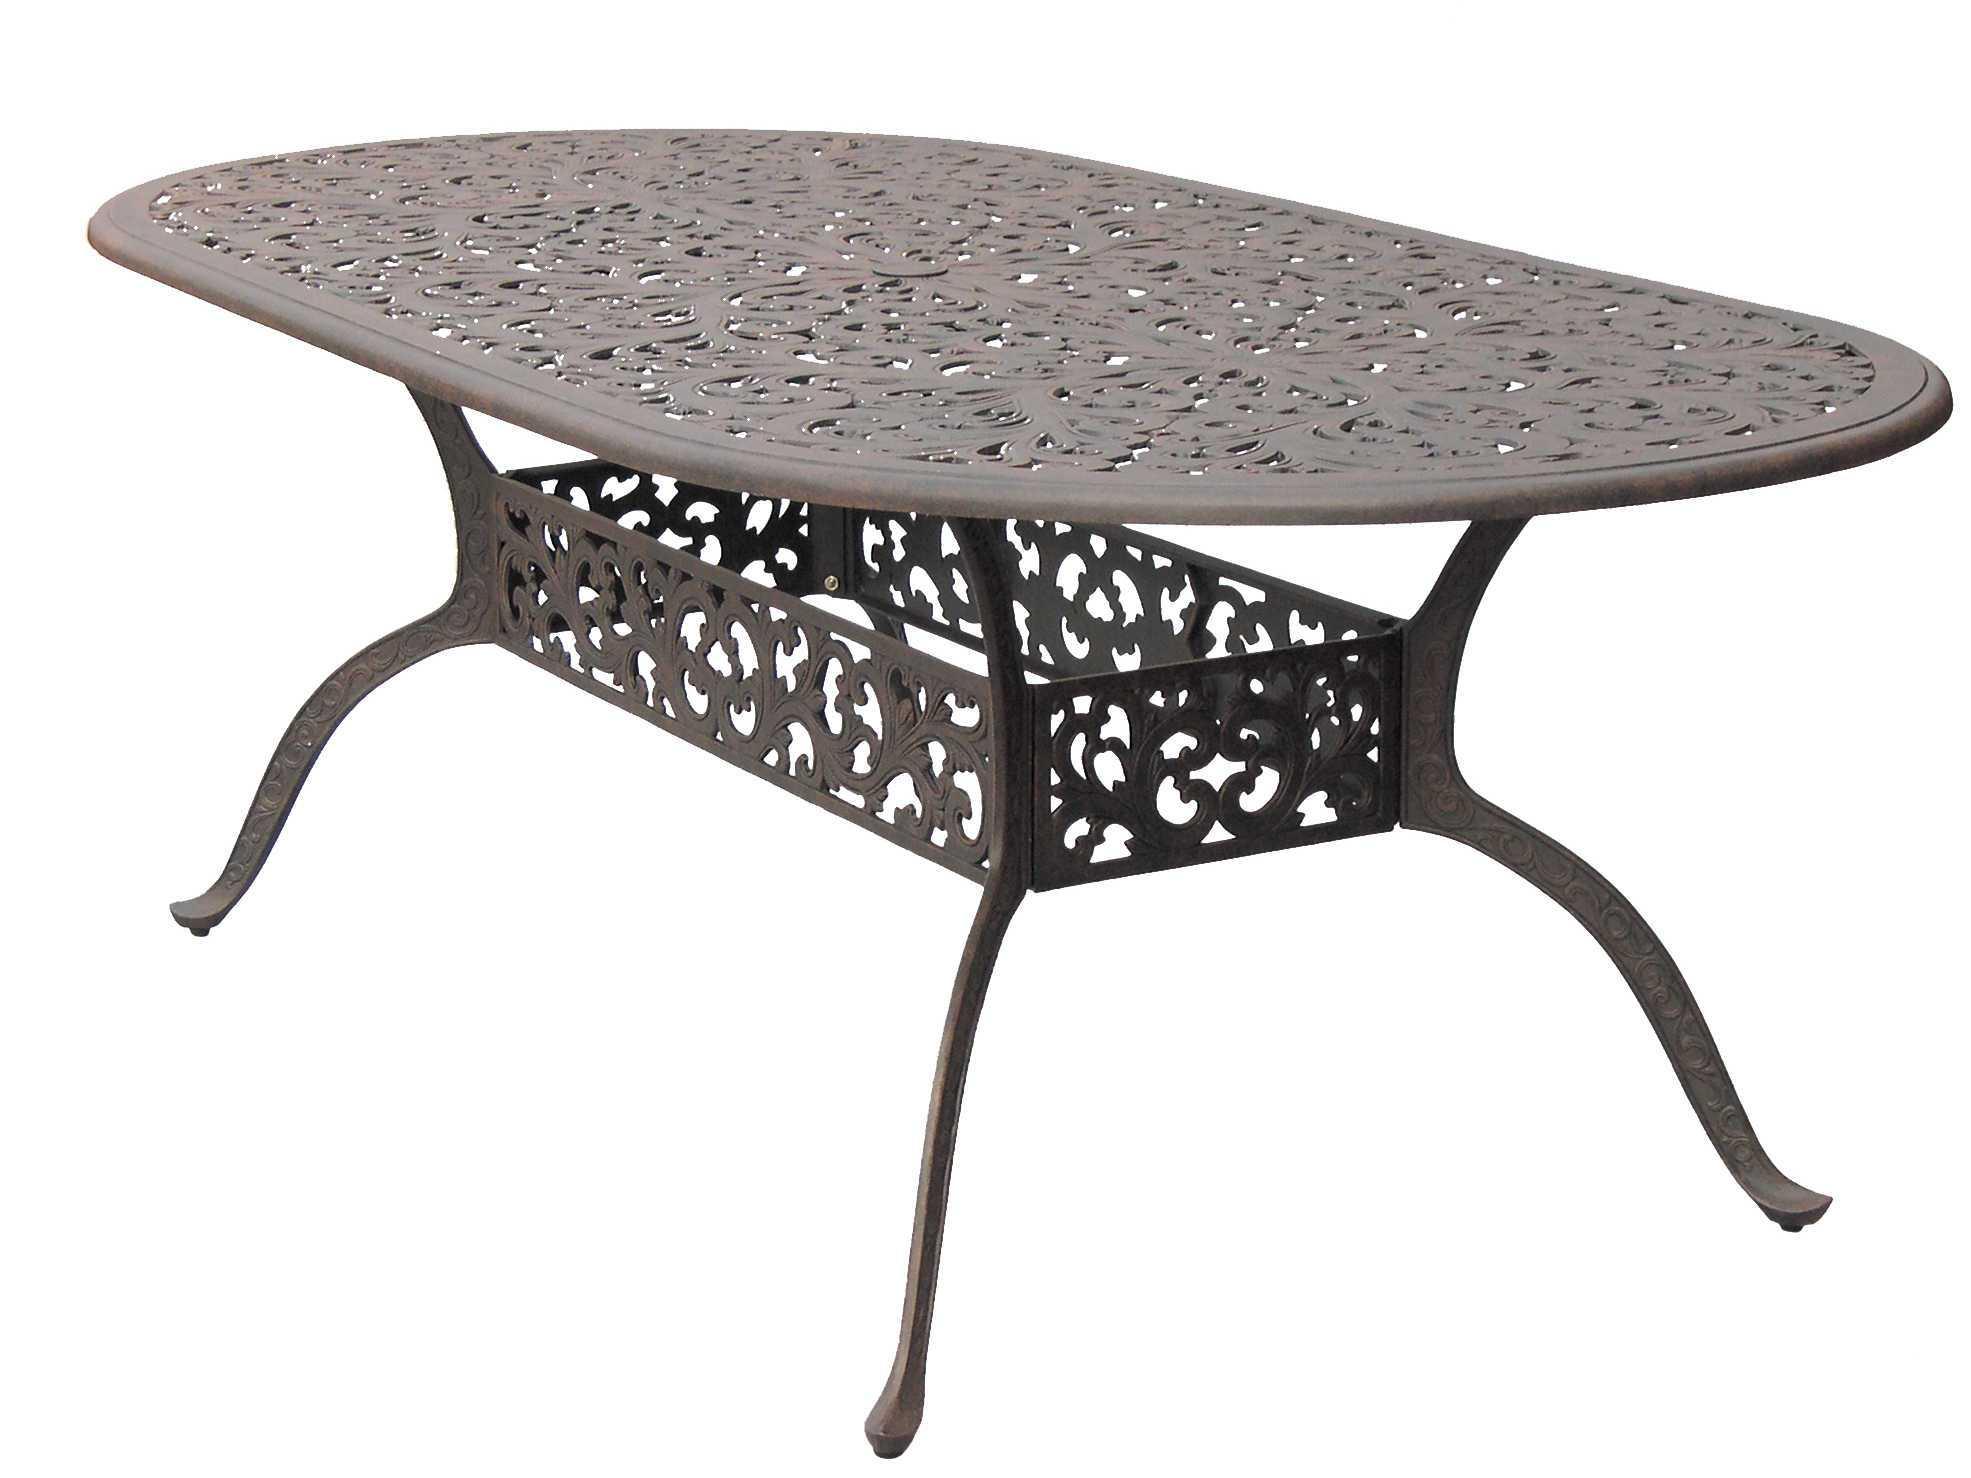 80 Cast Aluminum Antique Bronze 84 X 42 Oval Dining Table DL80 L